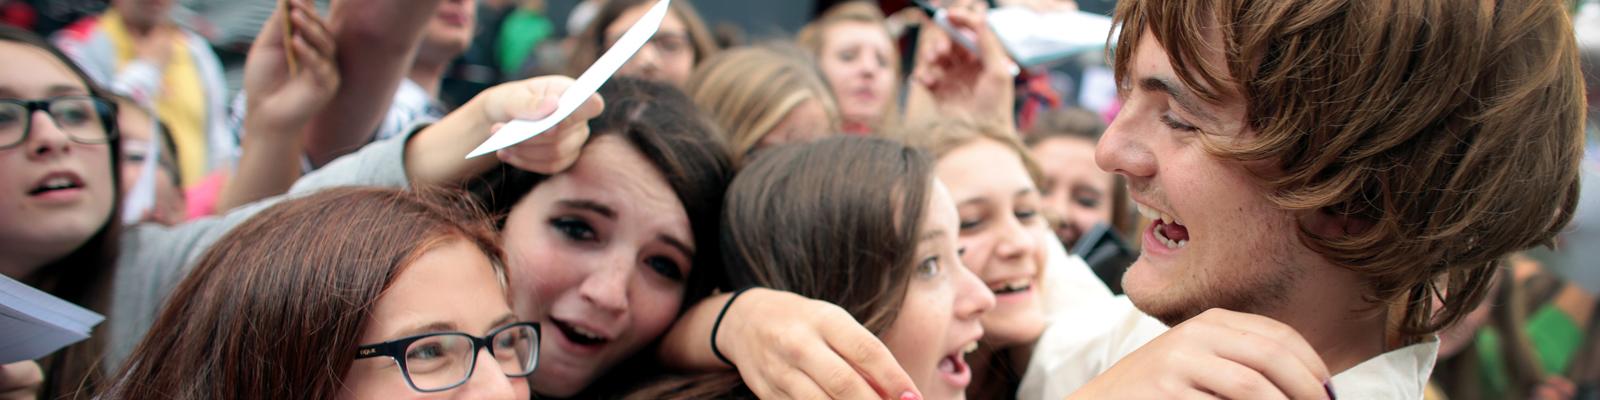 Der Youtube-Star Phil (bürgerlich Phillip Laude) der Gruppe Y-Titty umarmt am 16.08.2014 Fans am roten Teppich bei den Videodays in Köln. Bei den Videodays in der LanxessArena treffen Youtube-Fans auf ihre Stars aus dem Netz.